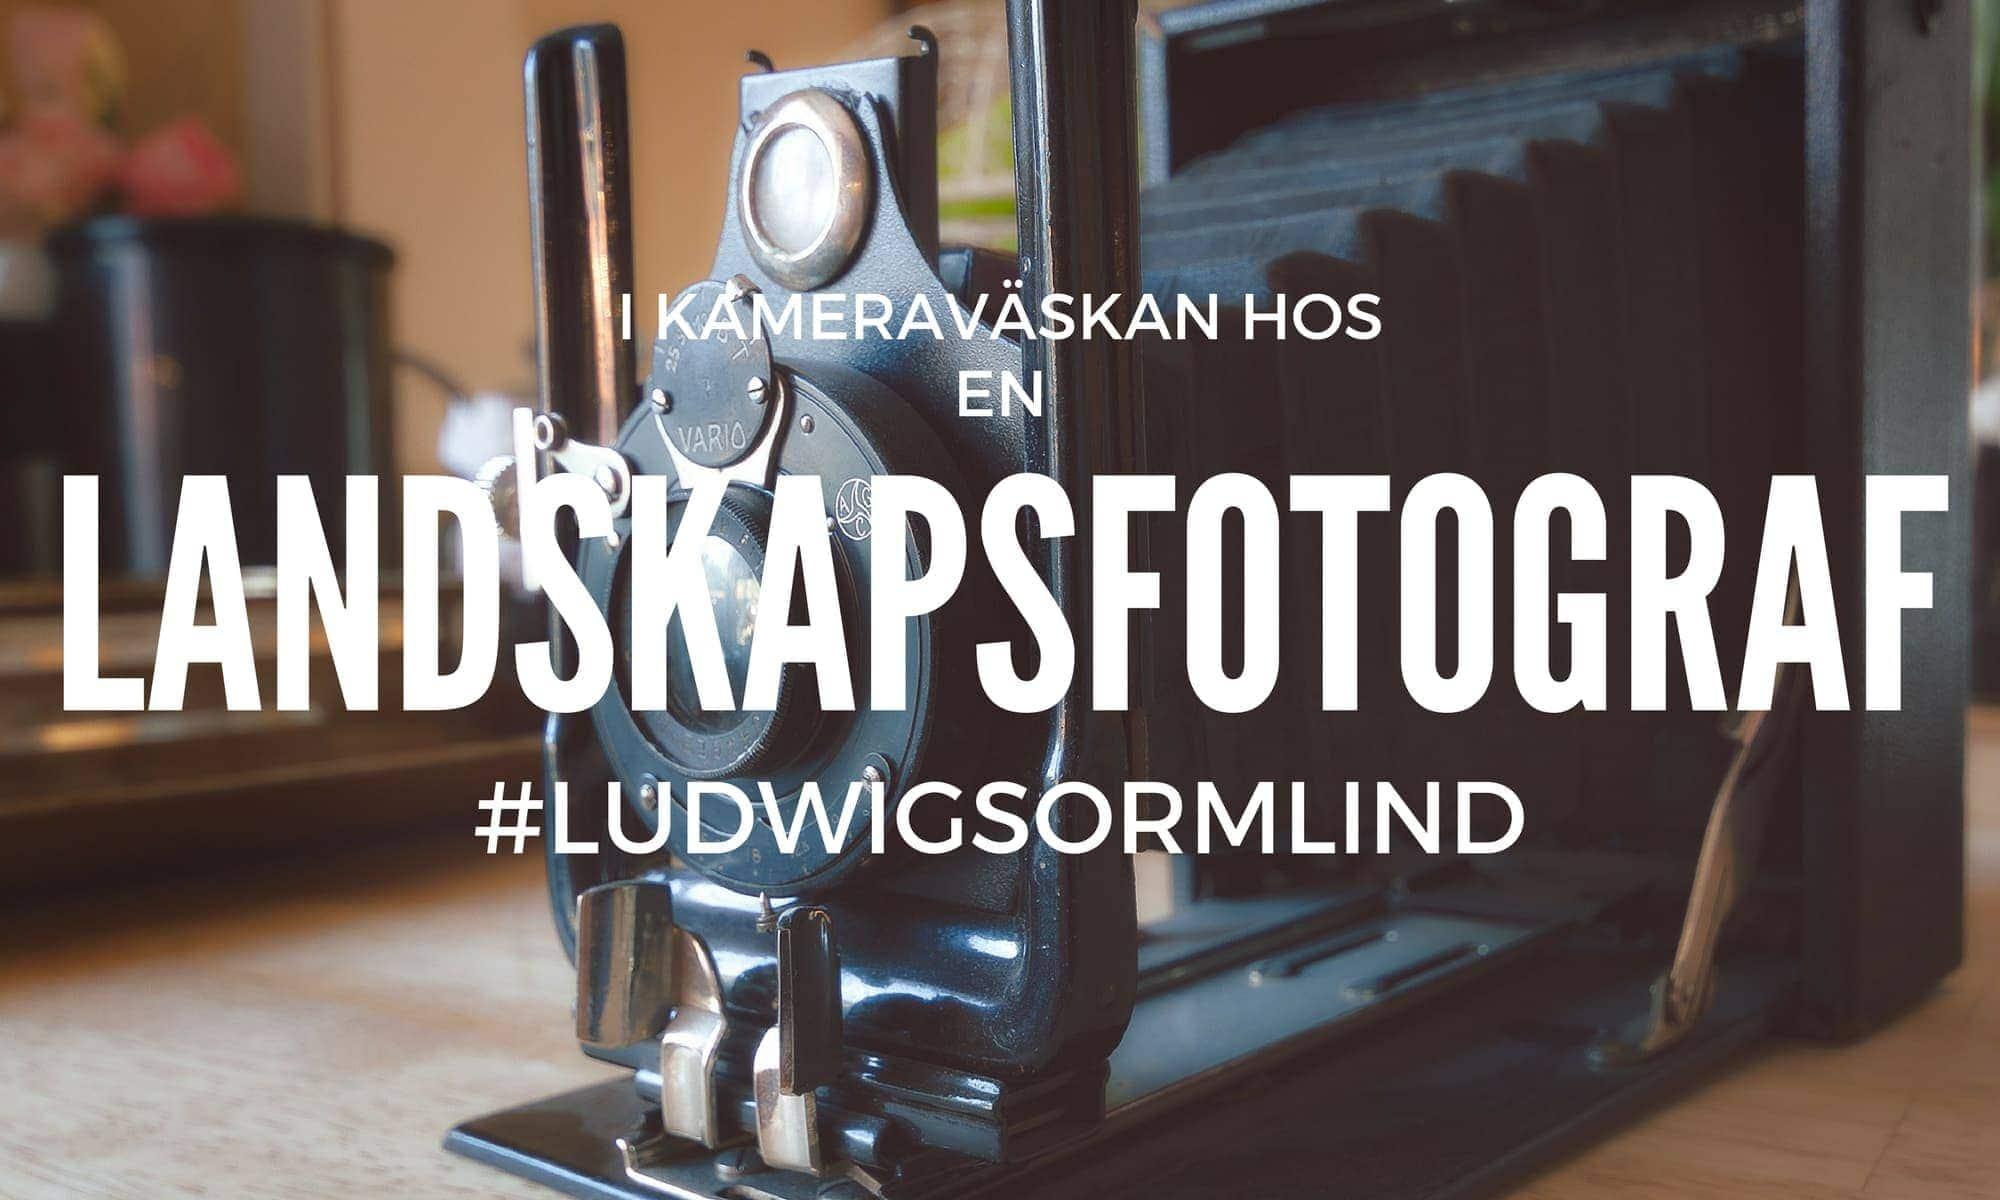 Kameraväska för landskapsfotograf - Ludwig Sörmlind